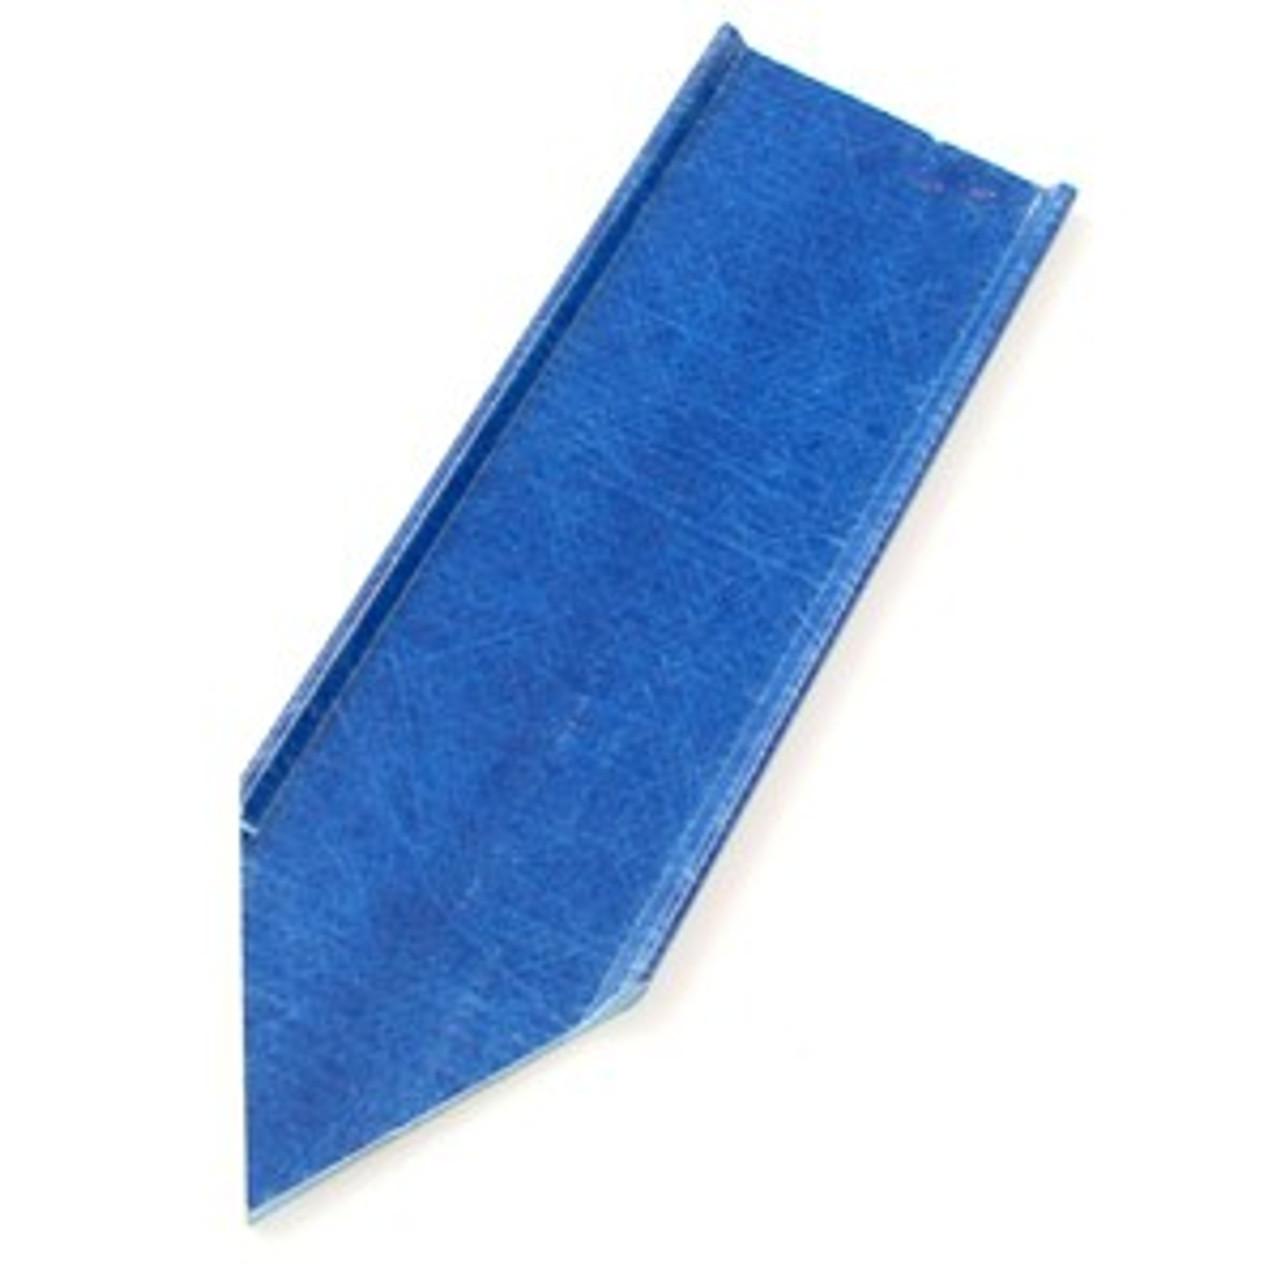 FLEX POST BLUE - PLAIN